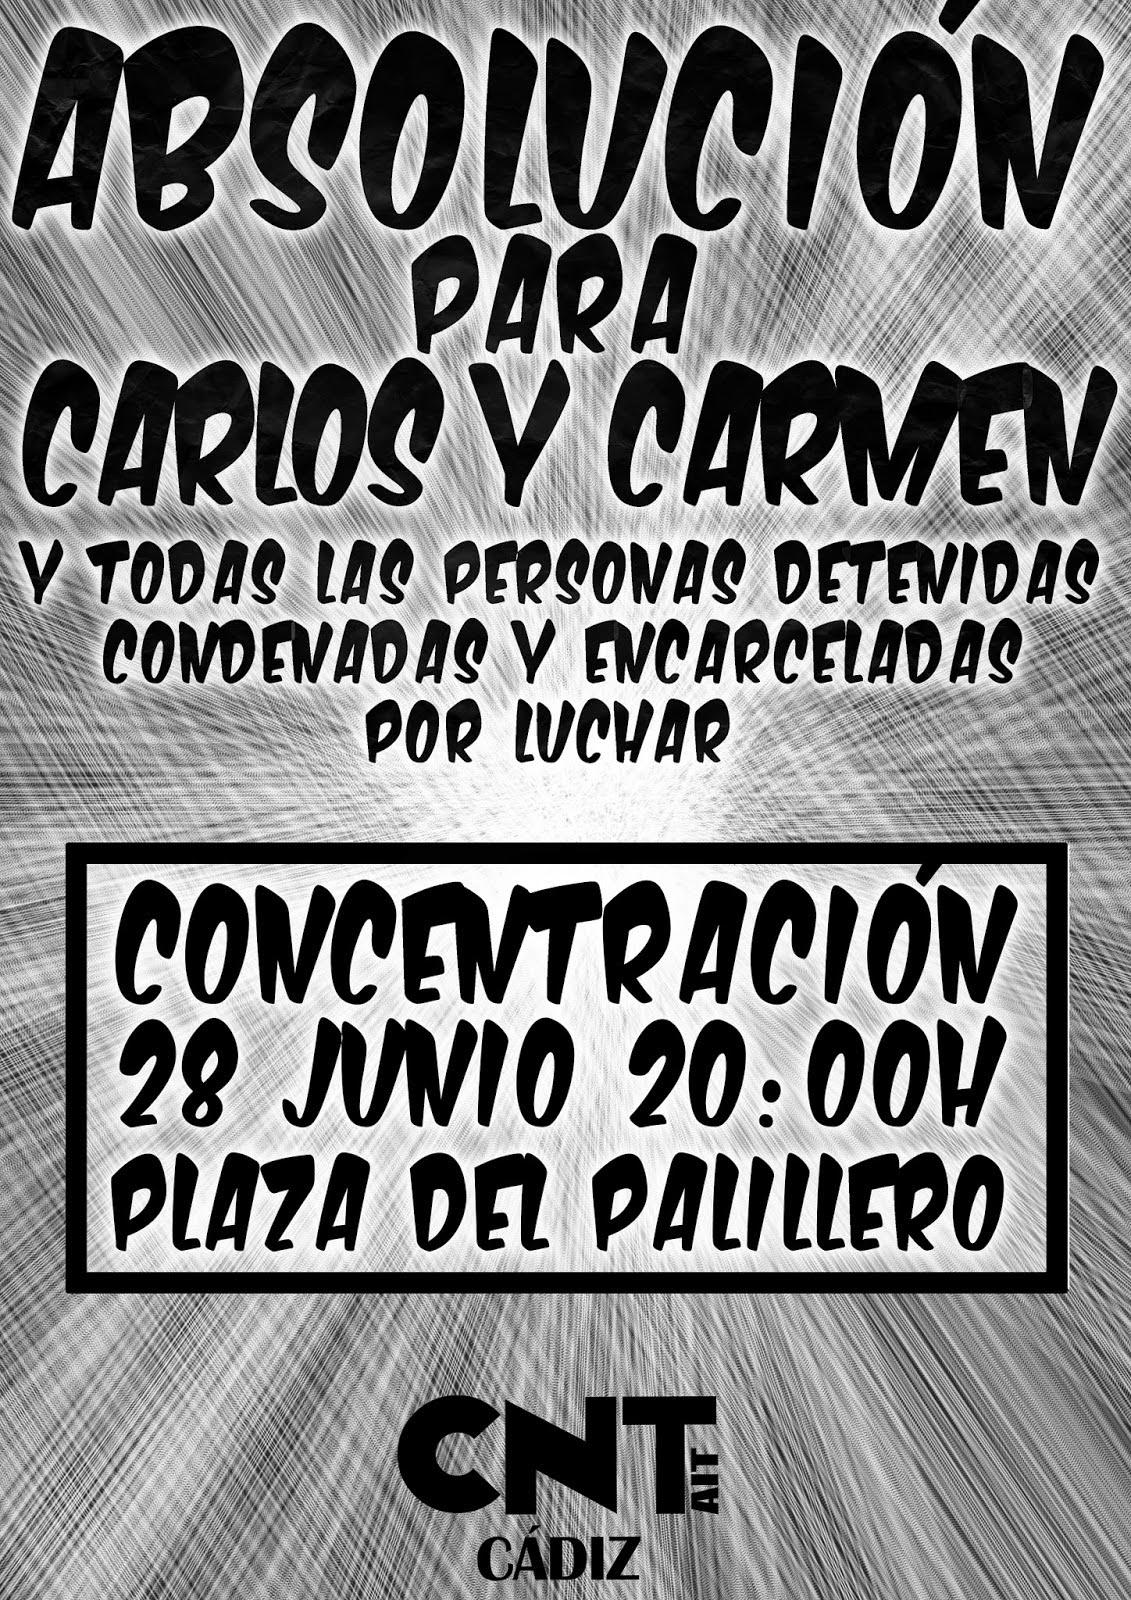 CNT-AIT, Cádiz: Jornada Internacional de Acción Antirrepresiva, 28 de junio Concentración en Cádiz ,apoyo y solidaridad con Carlos y Carmen, participantes del piquete del 15-M de Granada en la Huelga General del 29 de Marzo de 2012,,los anarquistas,frases anarquistas,los anarquistas,anarquista,anarquismo, frases de anarquistas,anarquia,la anarquista,el anarquista,a anarquista,anarquismo, anarquista que es,anarquistas,el anarquismo,socialismo,el anarquismo,o anarquismo,greek anarchists,anarchist, anarchists cookbook,cookbook, the anarchists,anarchist,the anarchists,sons anarchy,sons of anarchy, sons,anarchy online,son of anarchy,sailing,sailing anarchy,anarchy in uk,   anarchy uk,anarchy song,anarchy reigns,anarchist,anarchism definition,what is anarchism, goldman anarchism,cookbook,anarchists cook book, anarchism,the anarchist cookbook,anarchist a,definition anarchist, teenage anarchist,against me anarchist,baby anarchist,im anarchist, baby im anarchist, die anarchisten,frau des anarchisten,kochbuch anarchisten, les anarchistes,leo ferre,anarchiste,les anarchistes ferre,les anarchistes ferre, paroles les anarchistes,léo ferré,ferré anarchistes,ferré les anarchistes,léo ferré,  anarchia,anarchici italiani,gli anarchici,canti anarchici,comunisti, comunisti anarchici,anarchici torino,canti anarchici,gli anarchici,communism socialism,communism,definition socialism, what is socialism,socialist,socialism and communism,CNT,CNT, Confederación Nacional del Trabajo, AIT, La Asociación Internacional de los Trabajadores, IWA,International Workers Association,FAU,Freie Arbeiterinnen und Arbeiter-Union,FORA,F.O.R.A,Federación Obrera Regional Argentina,COB,Confederação Operária Brasileira ,Priama Akcia,CNT,Confédération Nationale du Travail,USI,Unione Sindacale Italiana,  NSF iAA,Norsk Syndikalistisk Forbund,ZSP,Zwiazek Syndykalistów Polski,AIT-SP,AIT Secção Portuguesa,solfed,Solidarity,inicijativa,Sindikalna konfederacija Anarho-sindikalisticka inicijativa, ASF,Anarcho-Syndicalis